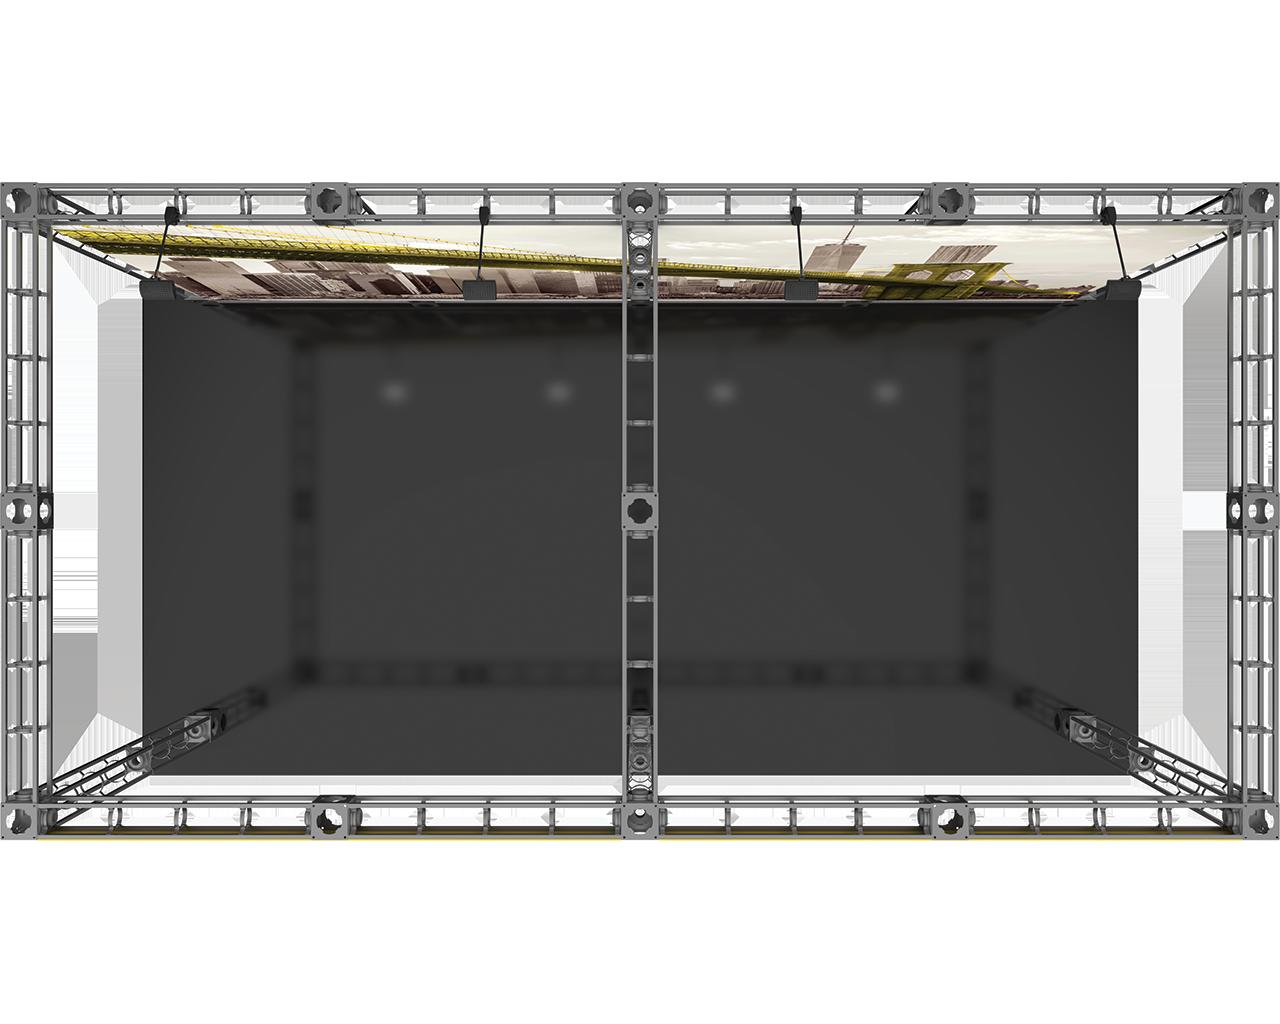 Luna-2 10 x 20 Orbital Truss Display